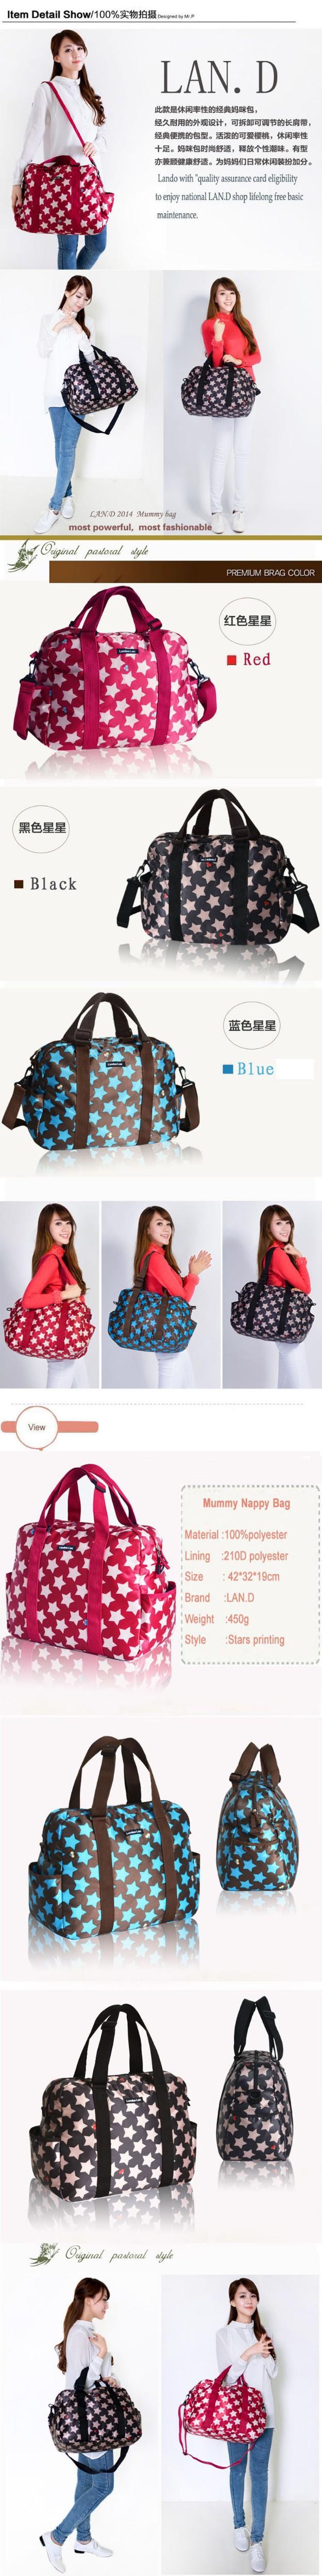 2015 3 цветов функциональная Bolsa Maternidade мешок пеленки младенца сумки изменение сумки для мамы мешок, Бесплатная доставка